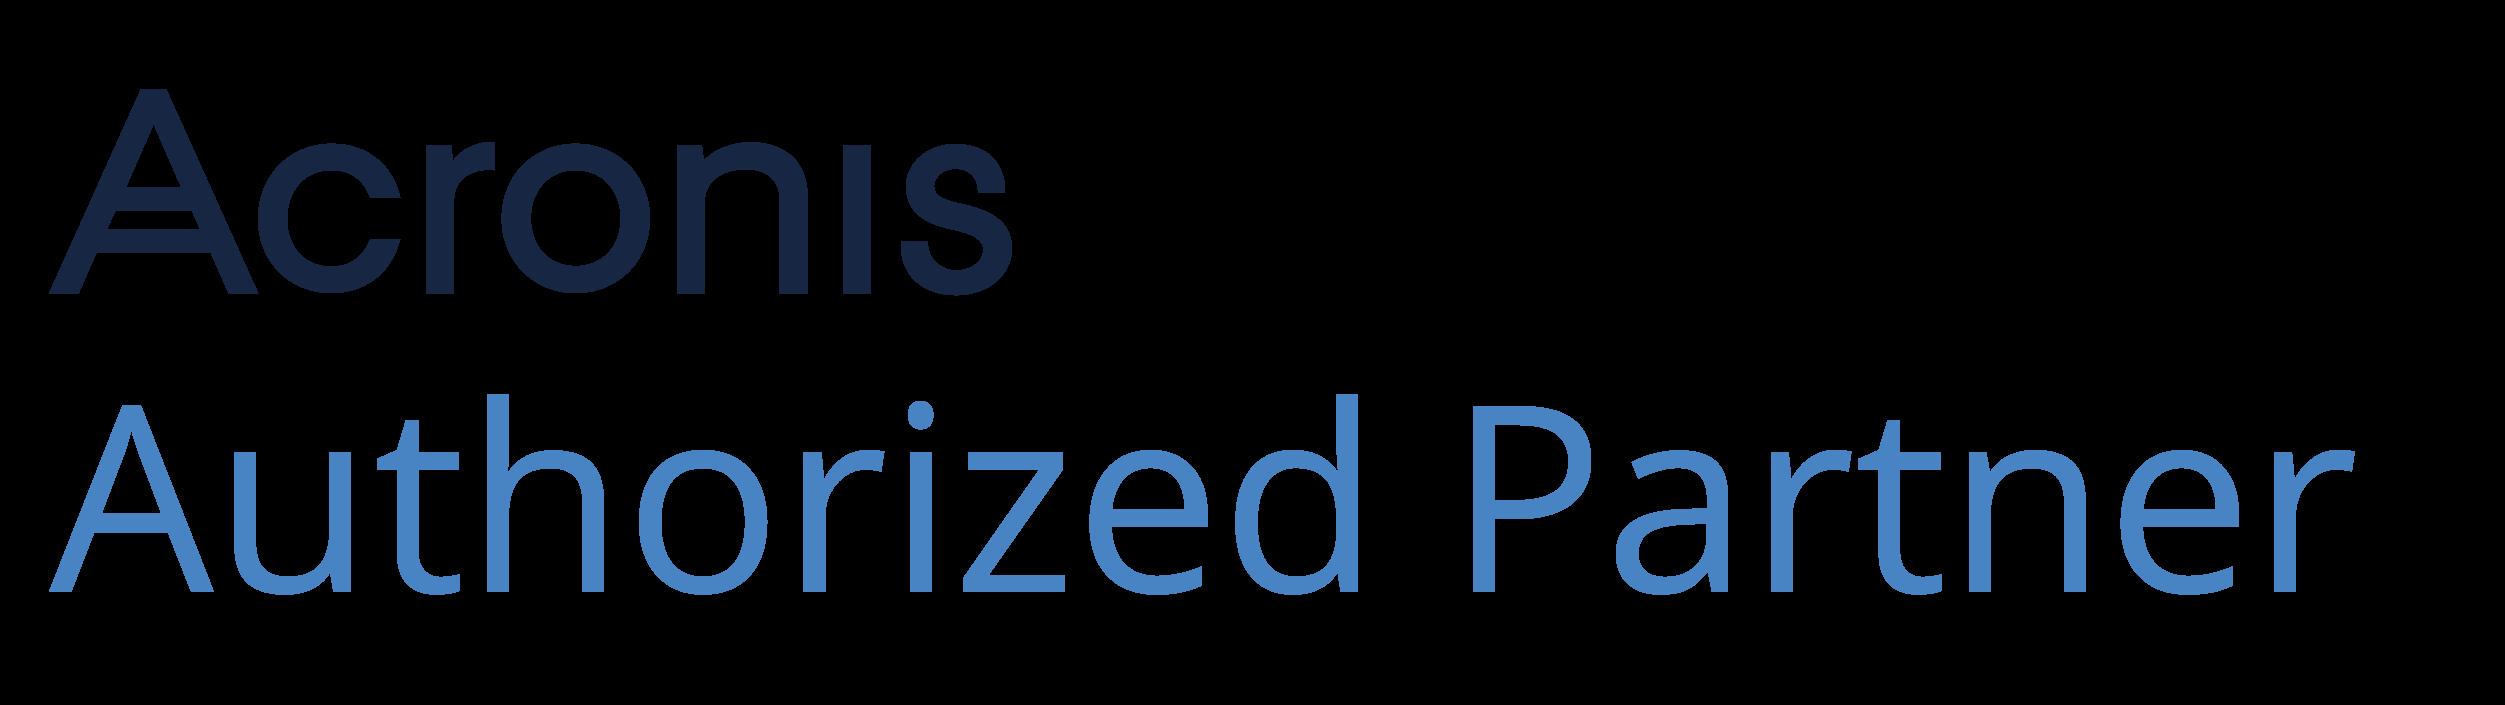 Acronis_Authorized_Partner_Logo_2